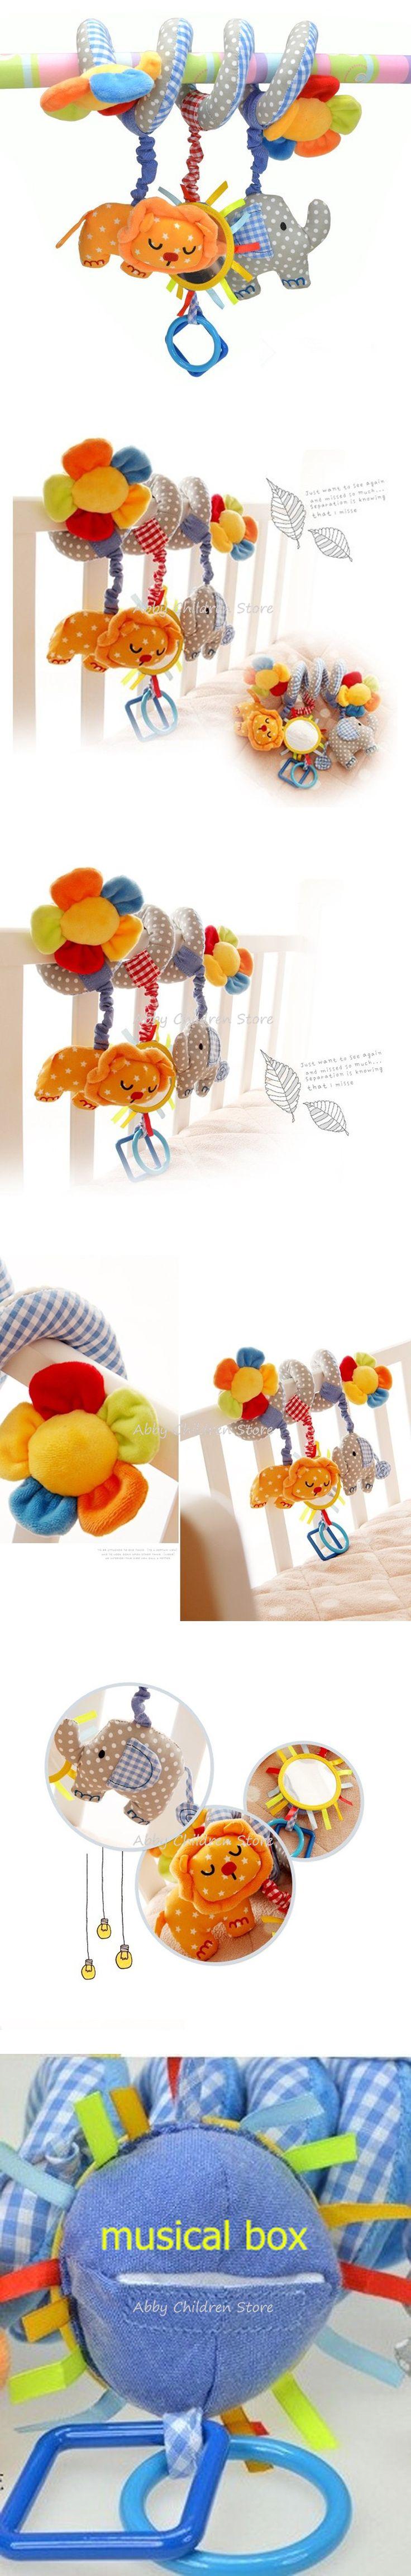 1x Star Baby Activity Spiral Stroller Pram Crib Bed Musical Toy